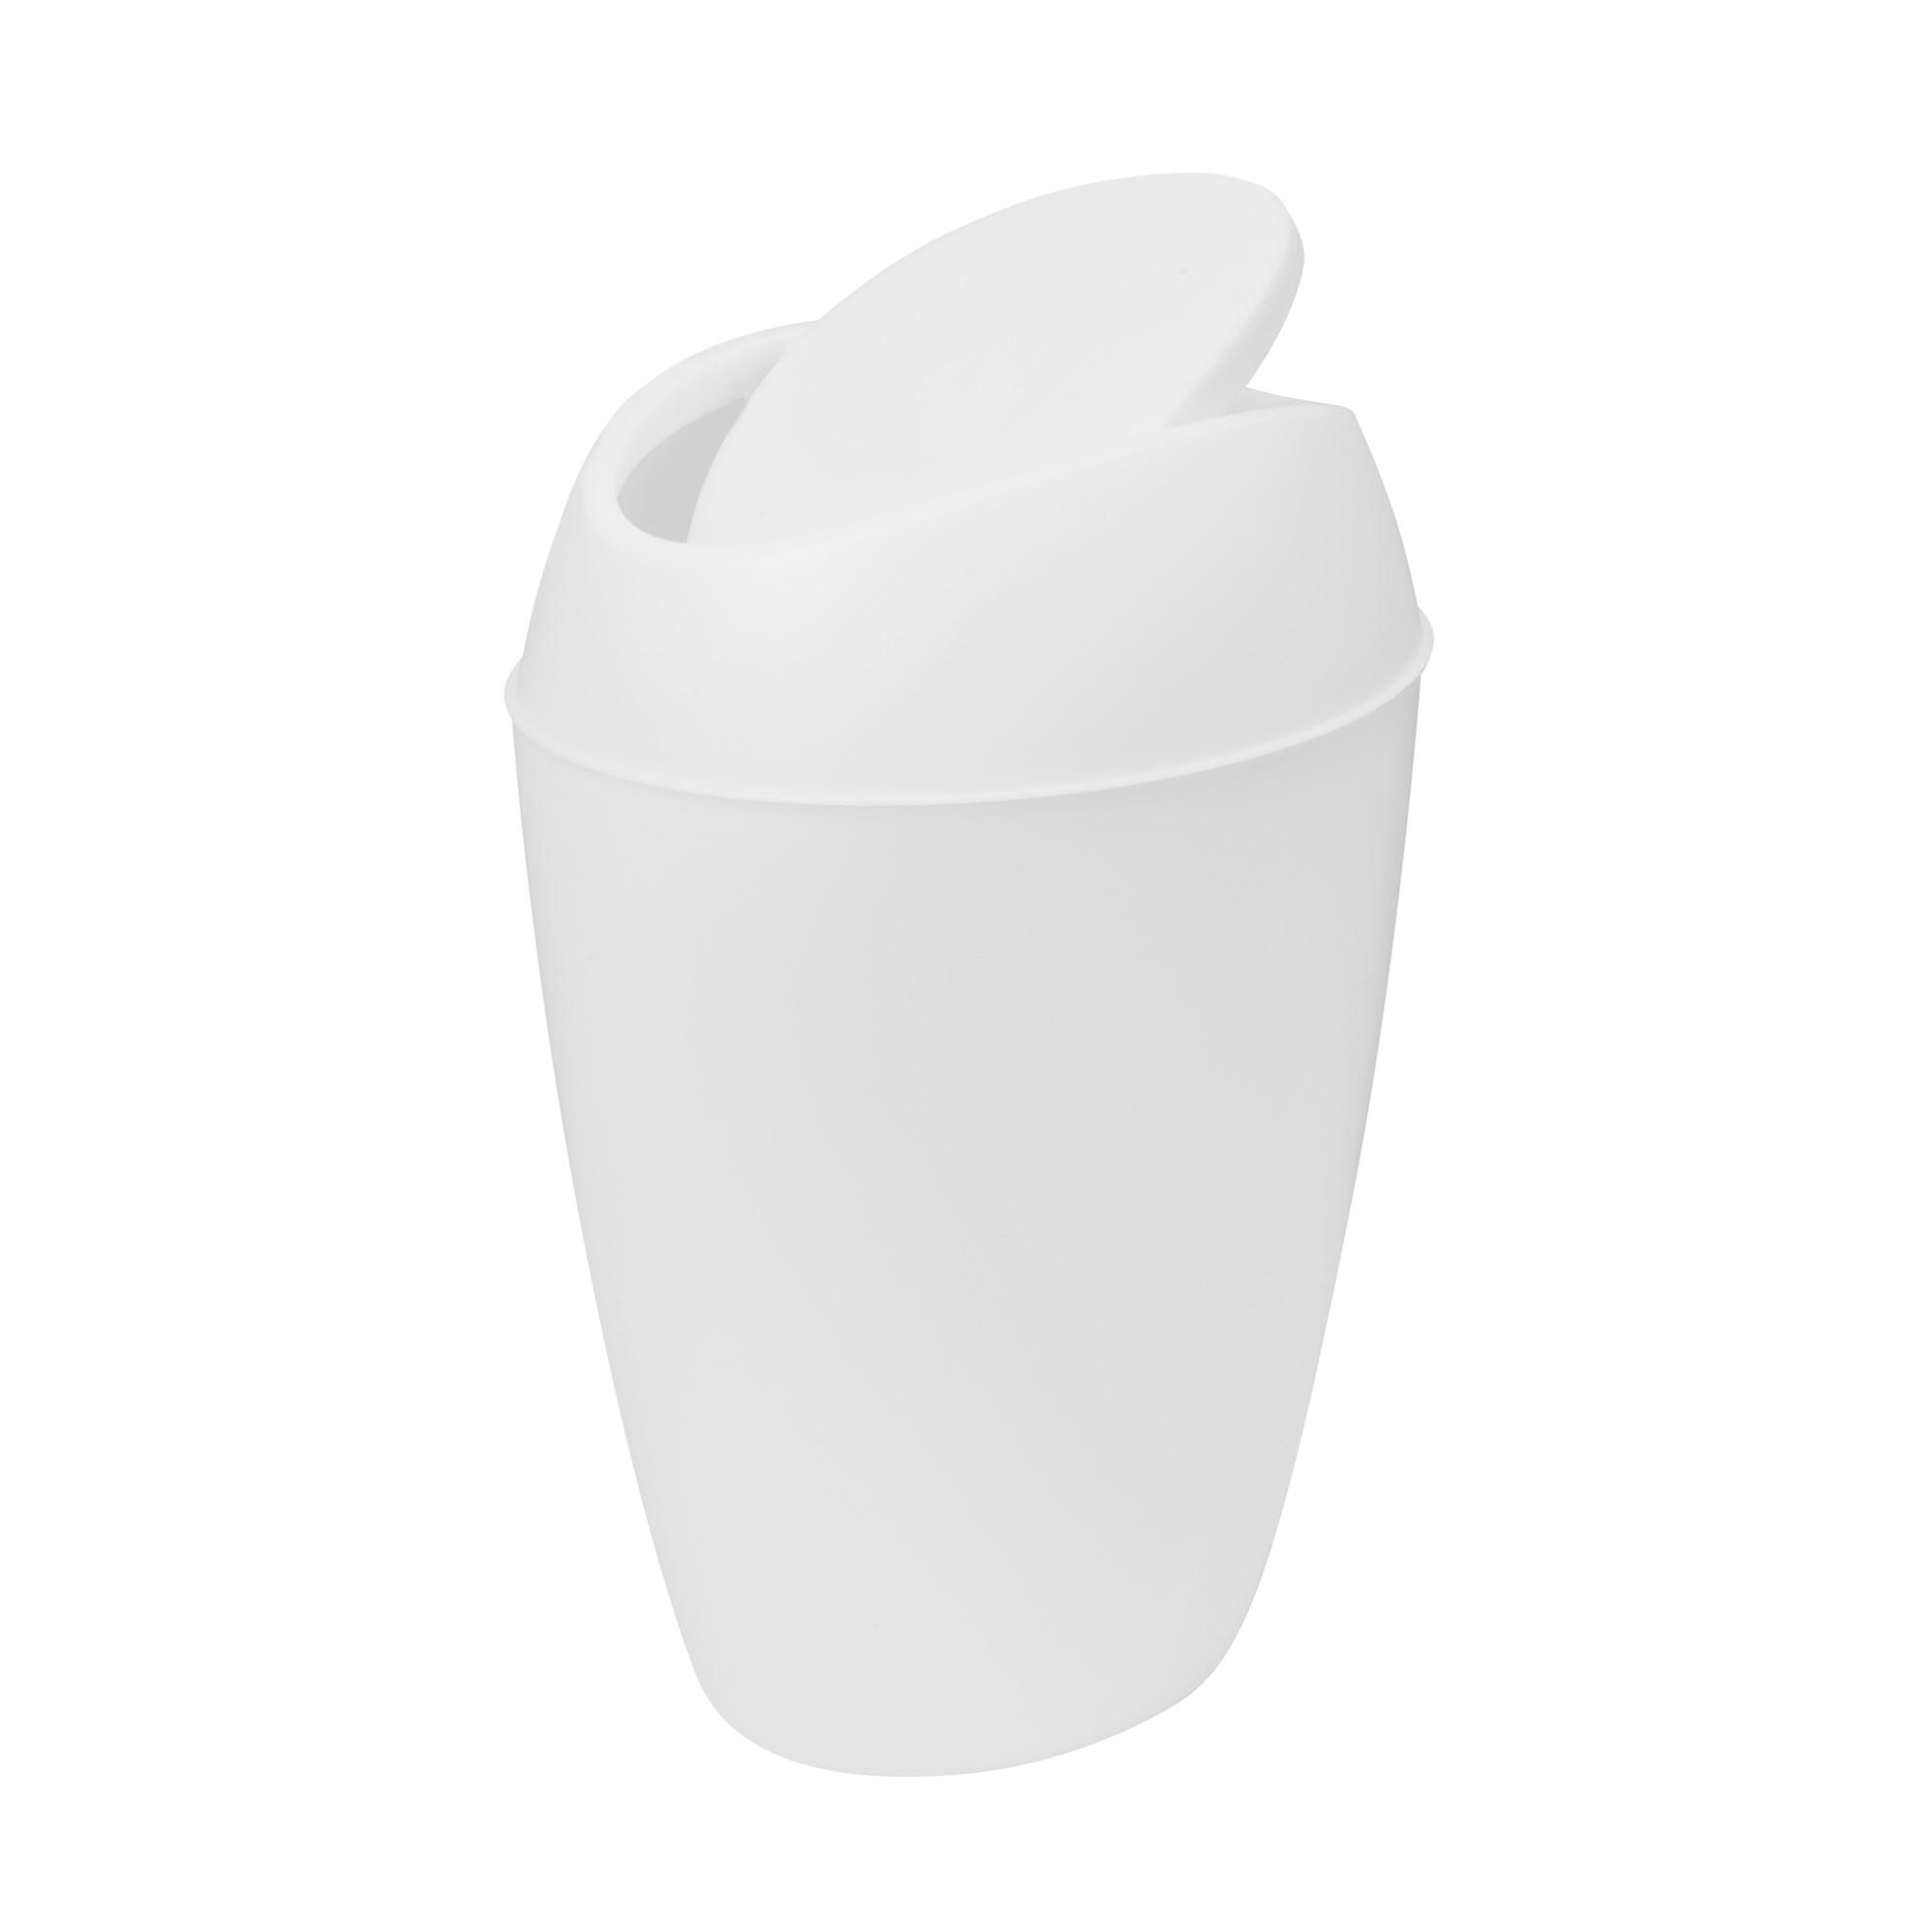 Odpadkový koš TWIRLA bílý_1